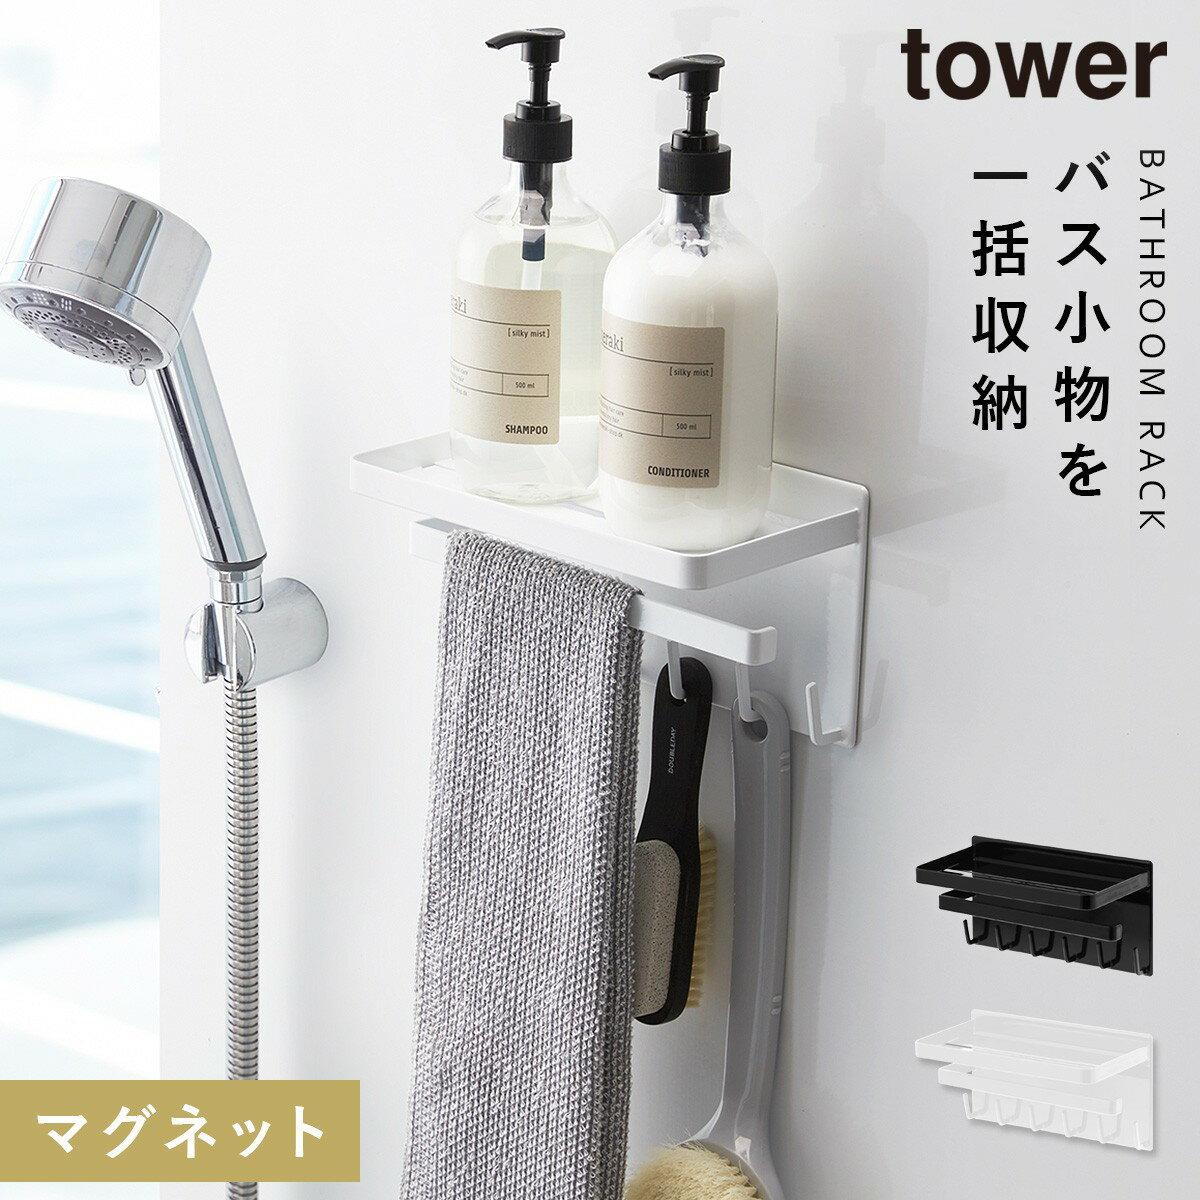 バスルーム ラック 収納 マグネットバスルーム 多機能ラック タワー 白い 黒 tower